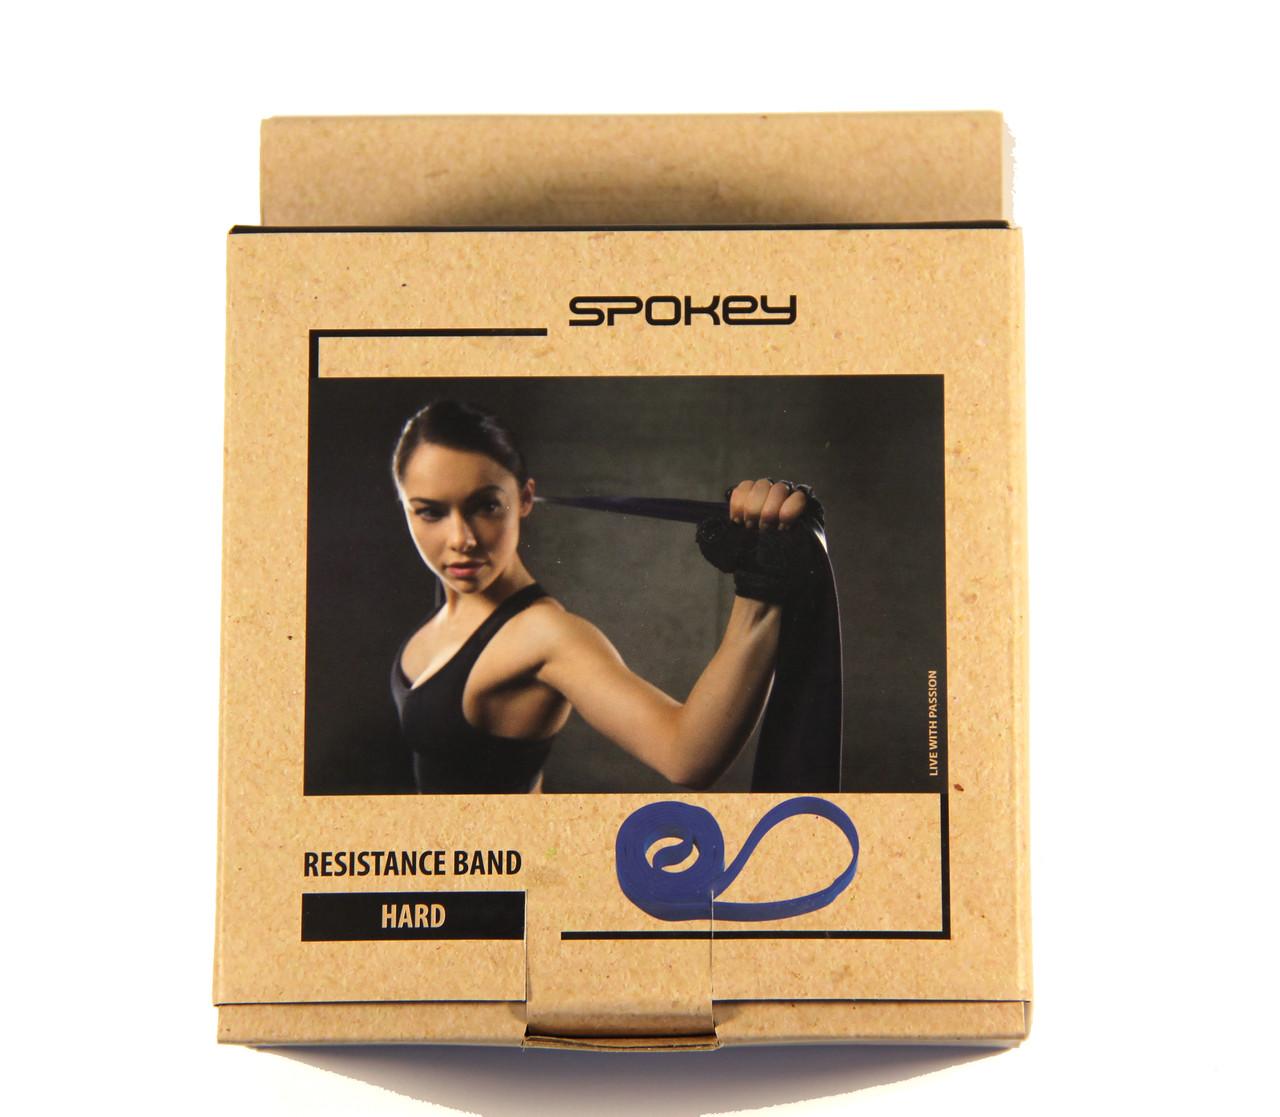 Тренажер-эспандер ленточный Spokey (original) Power hard 15-20 kg амортизатор резиновый, петля